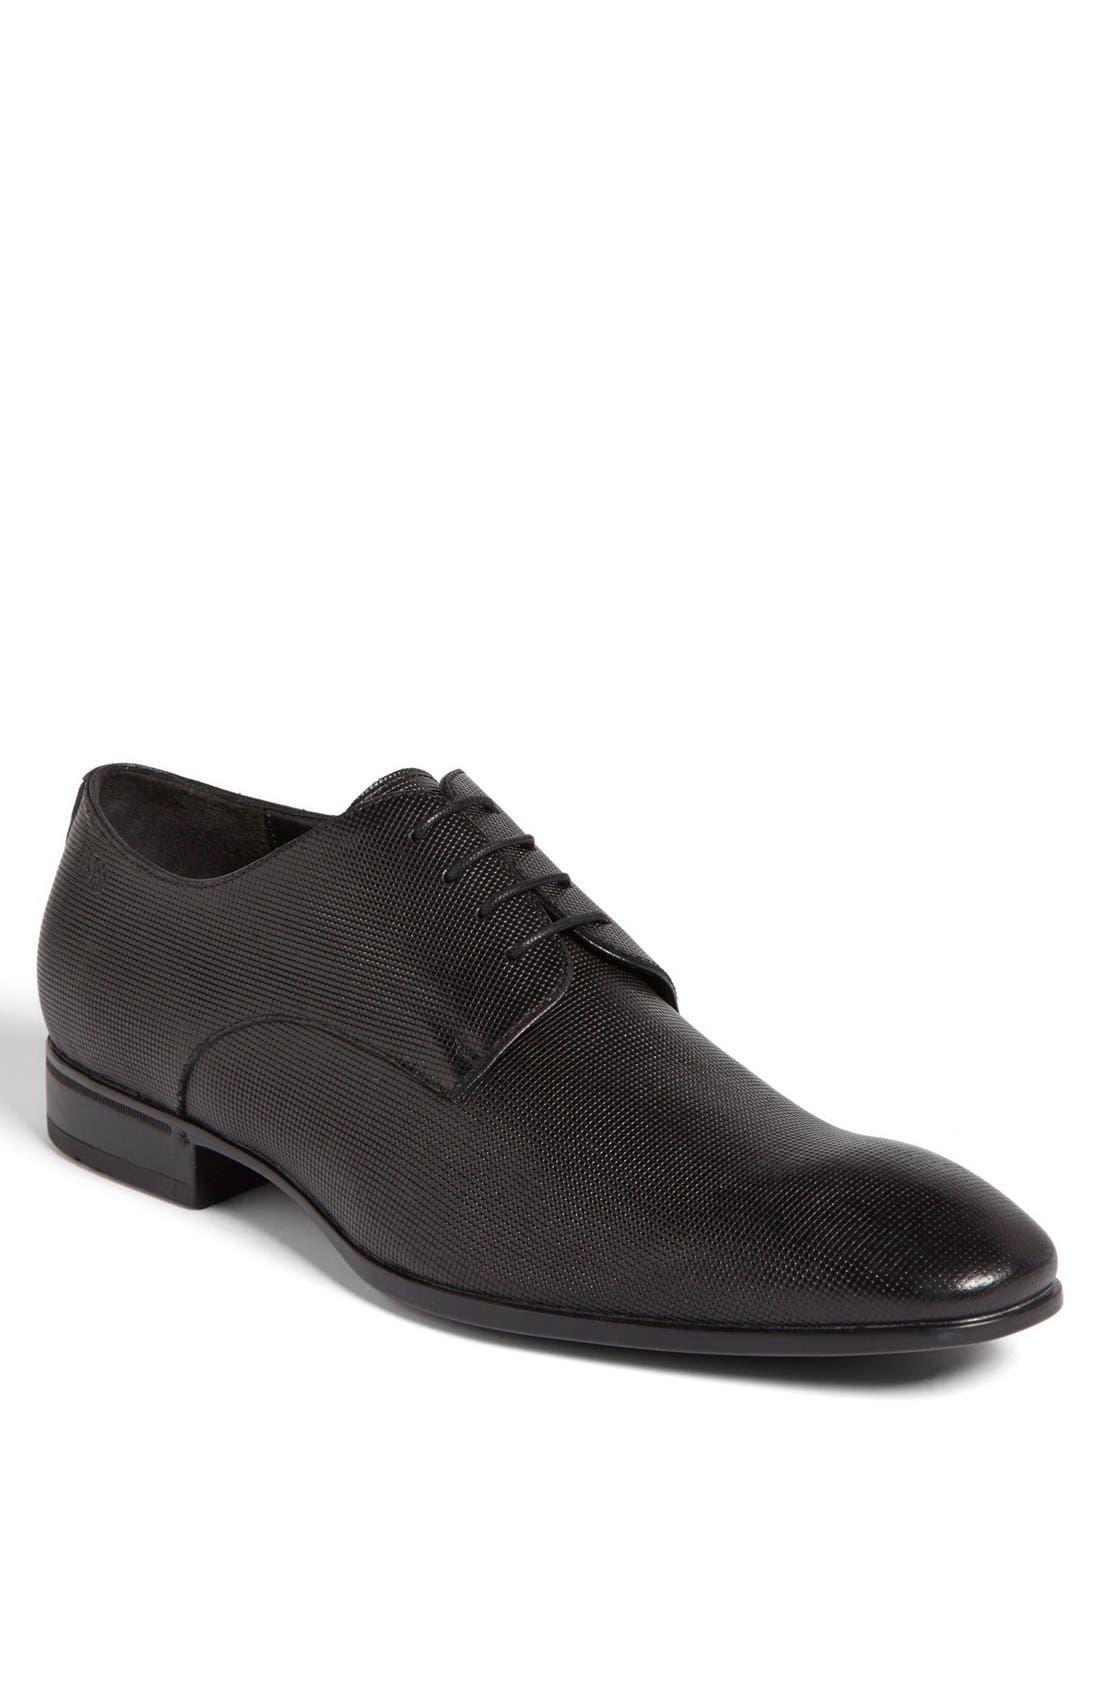 Main Image - BOSS 'Vareb' Plain Toe Oxford (Men)